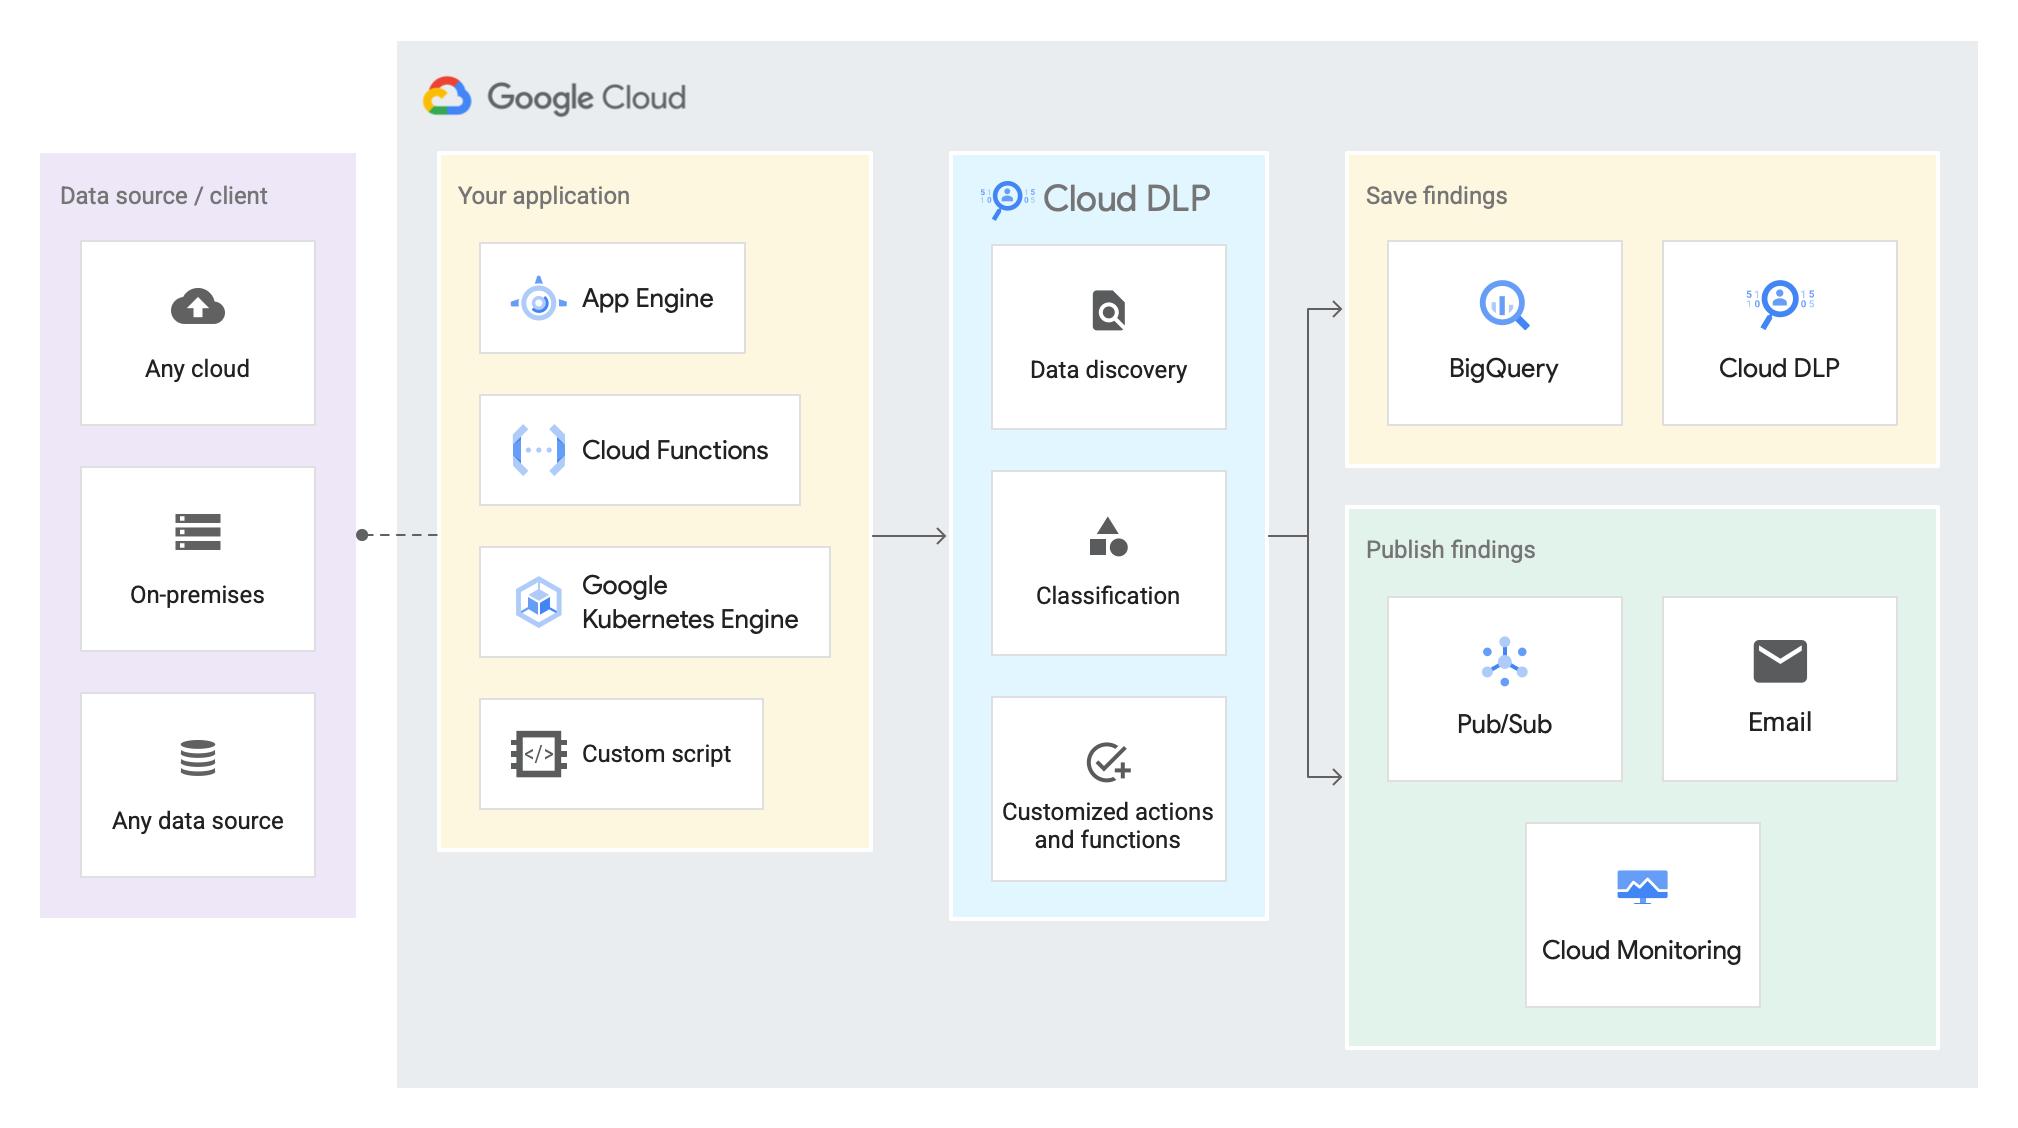 Diagrama del flujo de datos de trabajos híbridos, que muestra la aplicación que envía datos de una fuente externa a CloudDLP, CloudDLP que inspecciona los datos y, luego, guarda o publica los resultados.